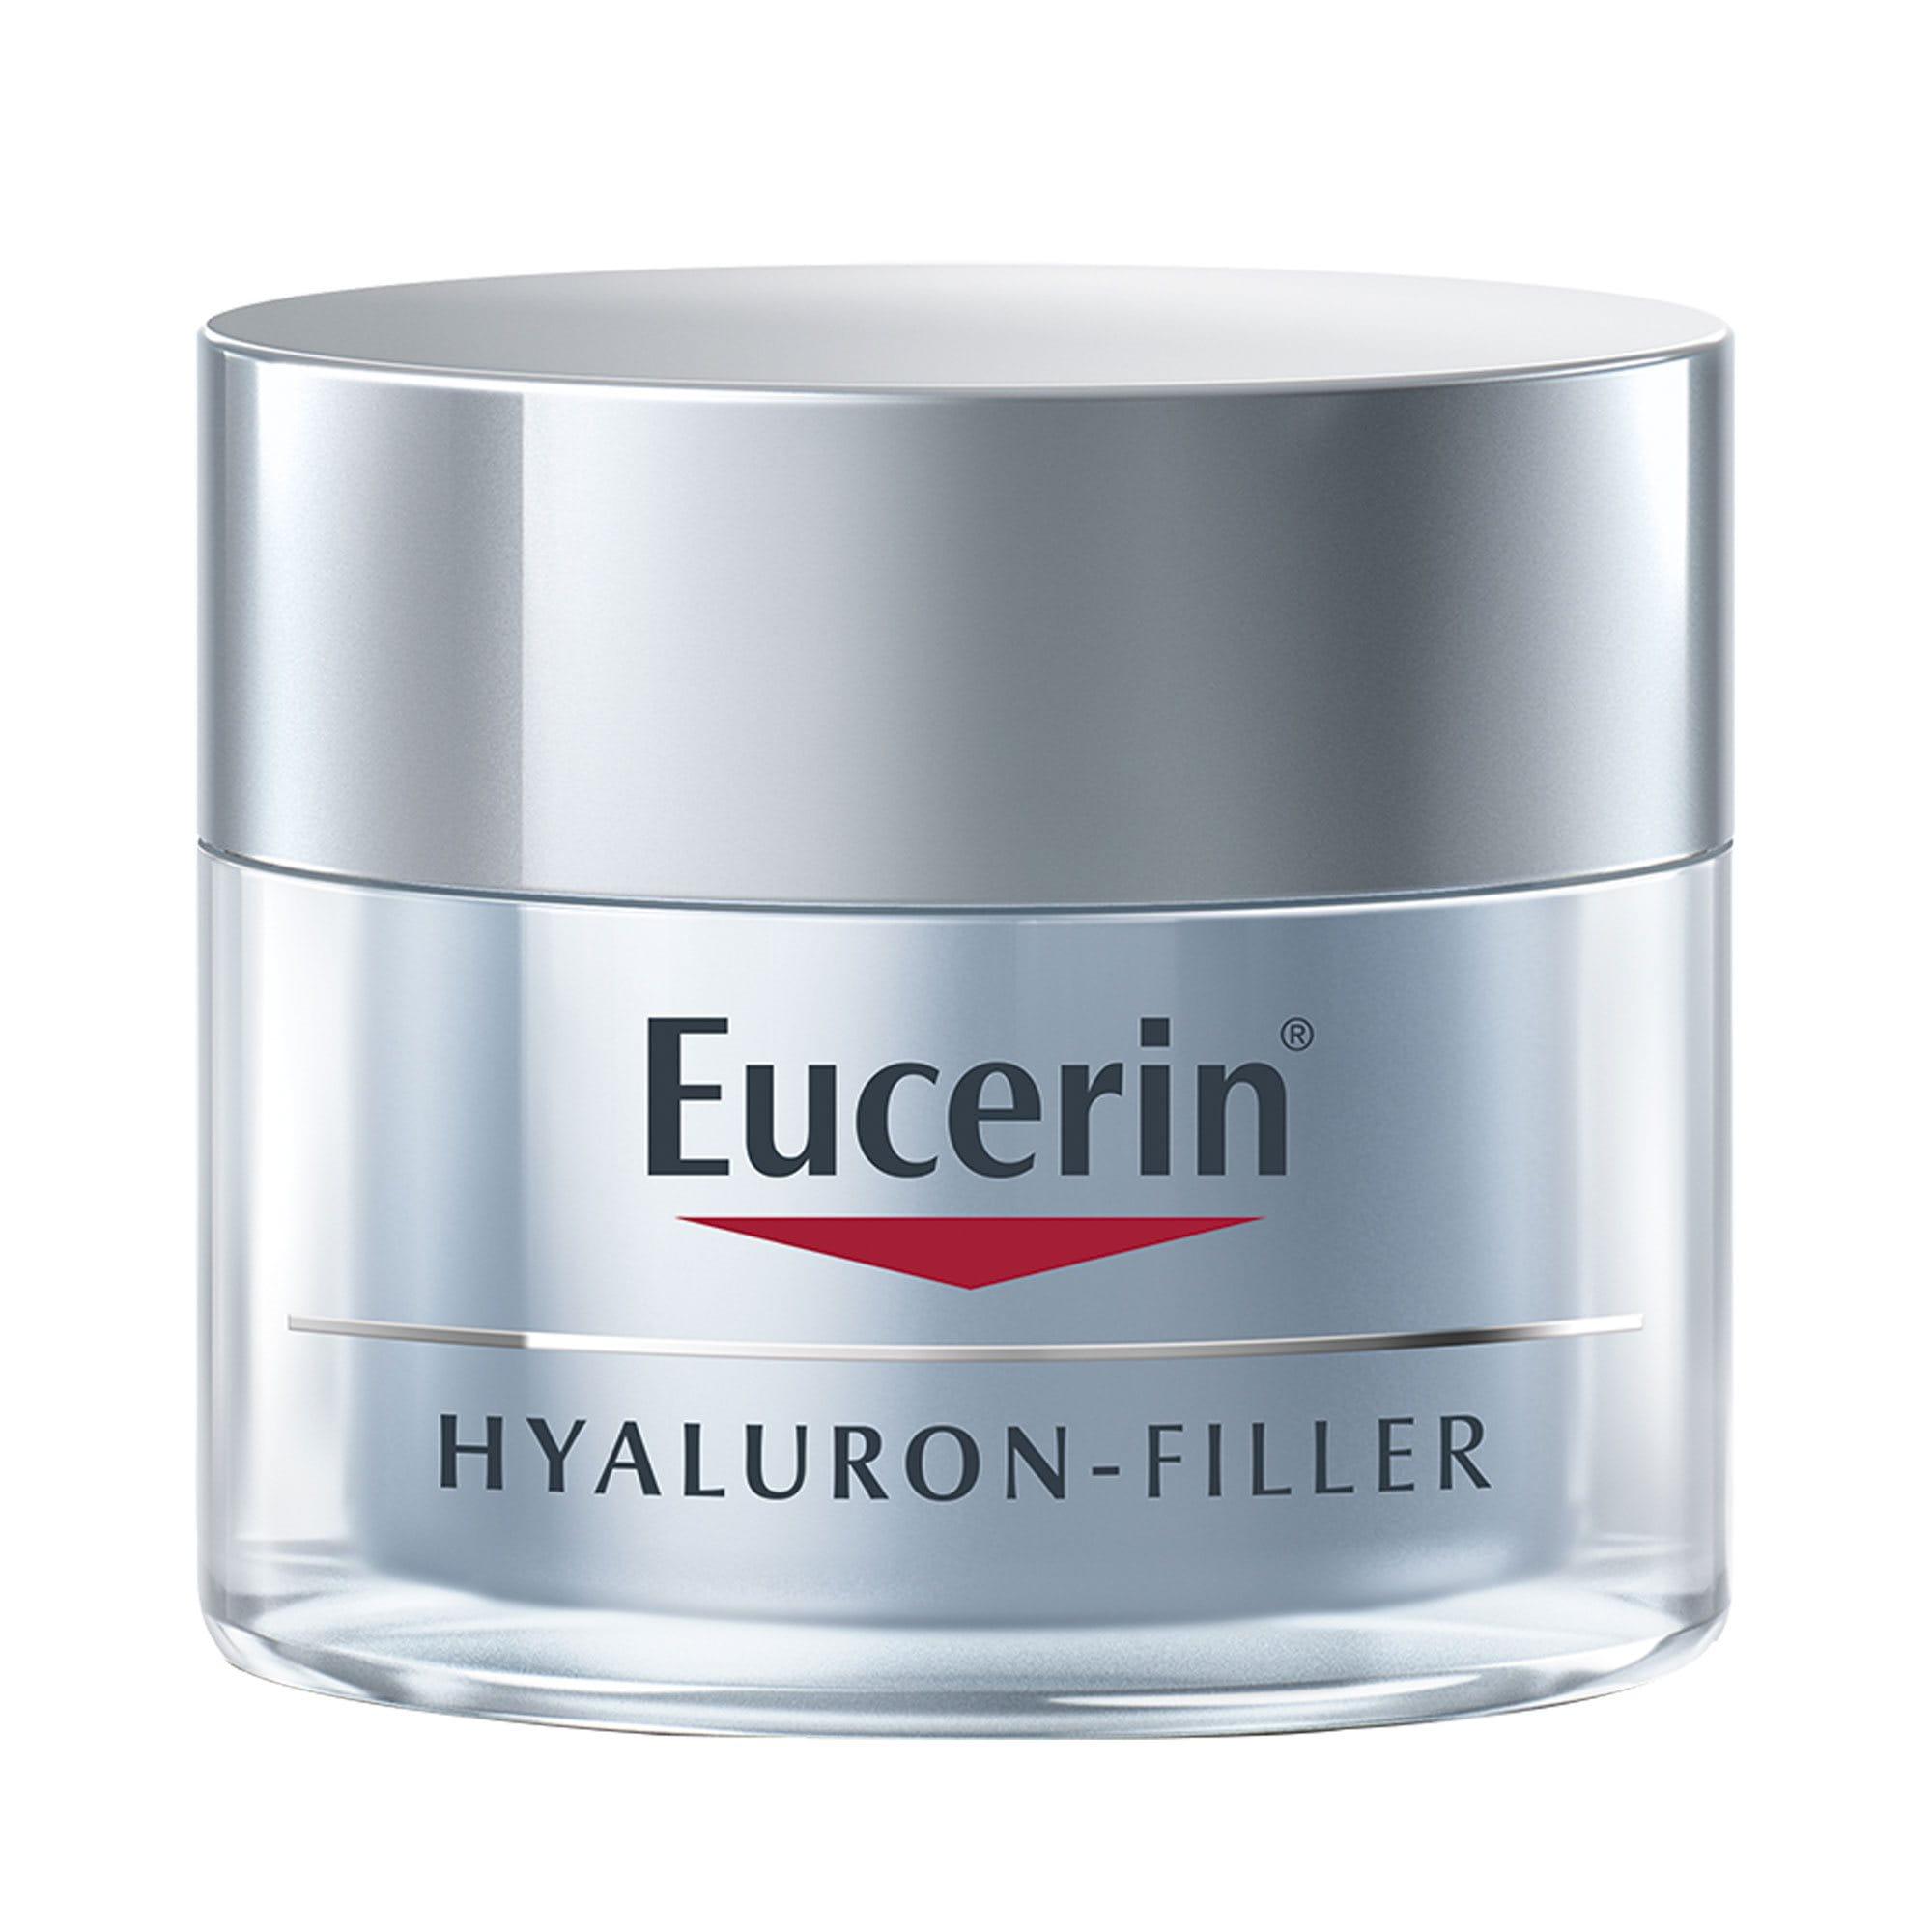 63486_Eucerin-hyaluron-filler-Crema-Facial-noche_packshot